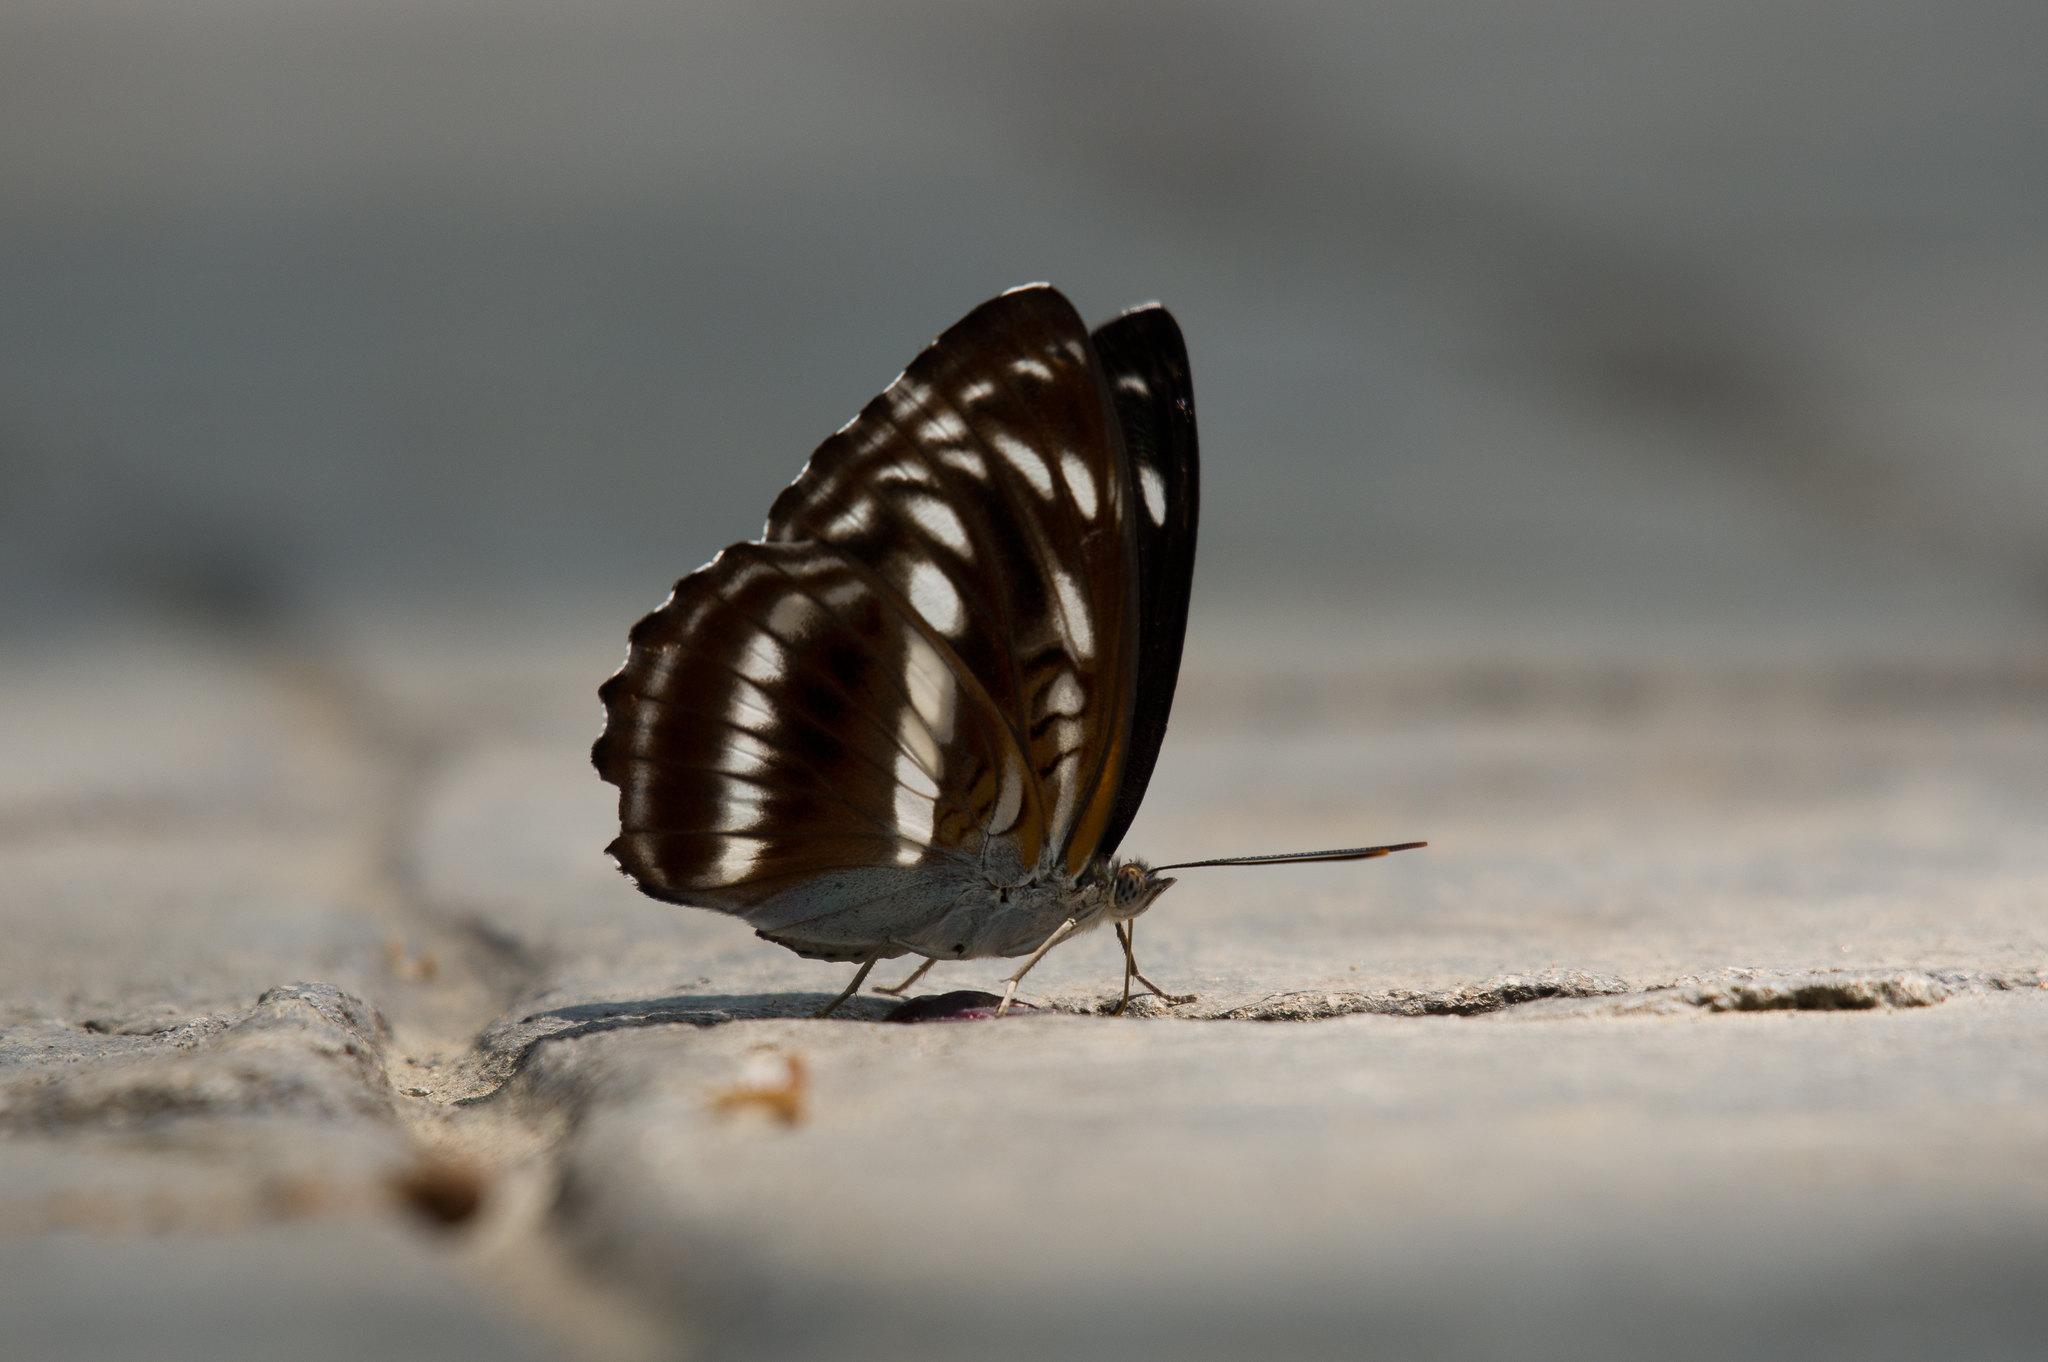 琉球三線蝶之順光逆光